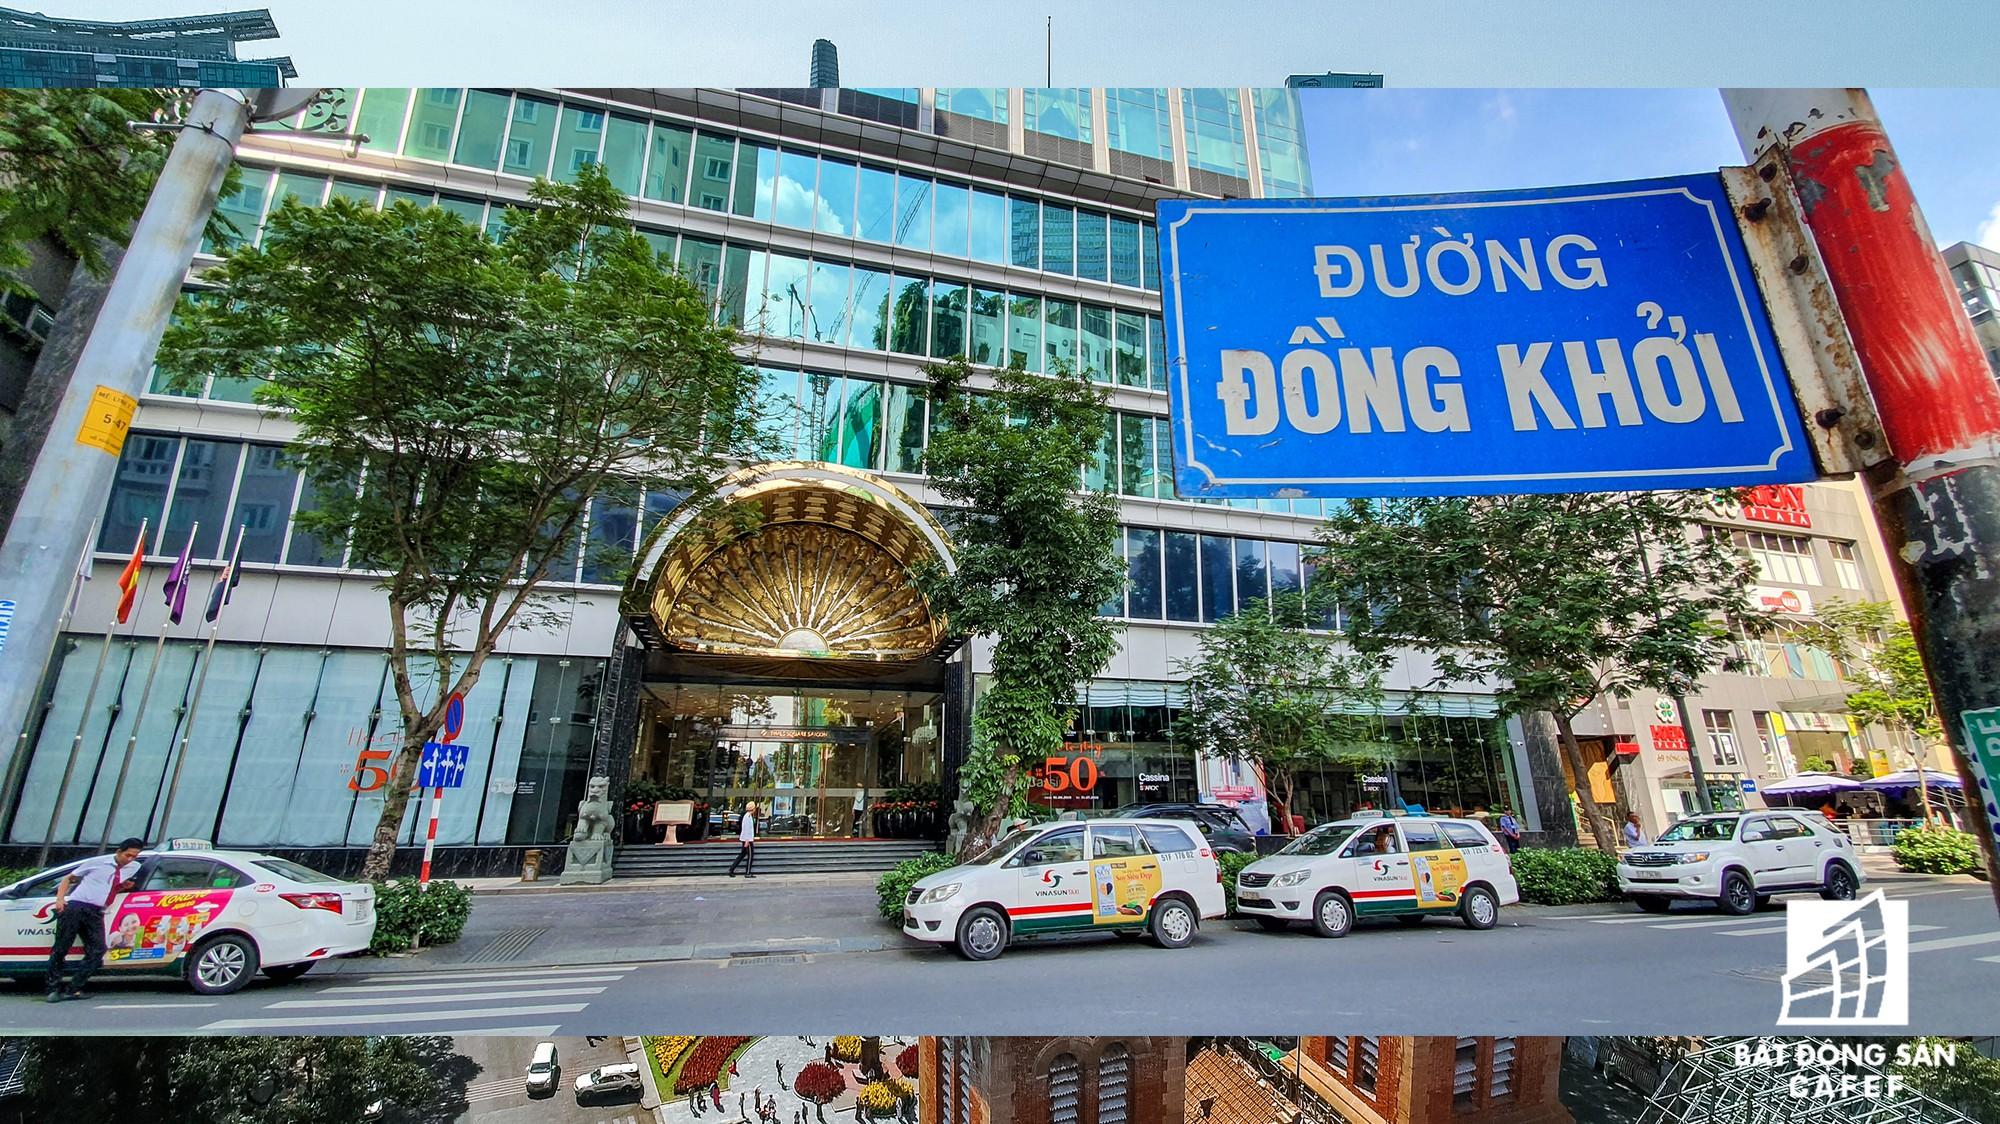 Toàn cảnh con đường có giá bất động sản đắt đỏ nhất Việt Nam, lên tới 2 tỷ đồng một m2 - Ảnh 6.